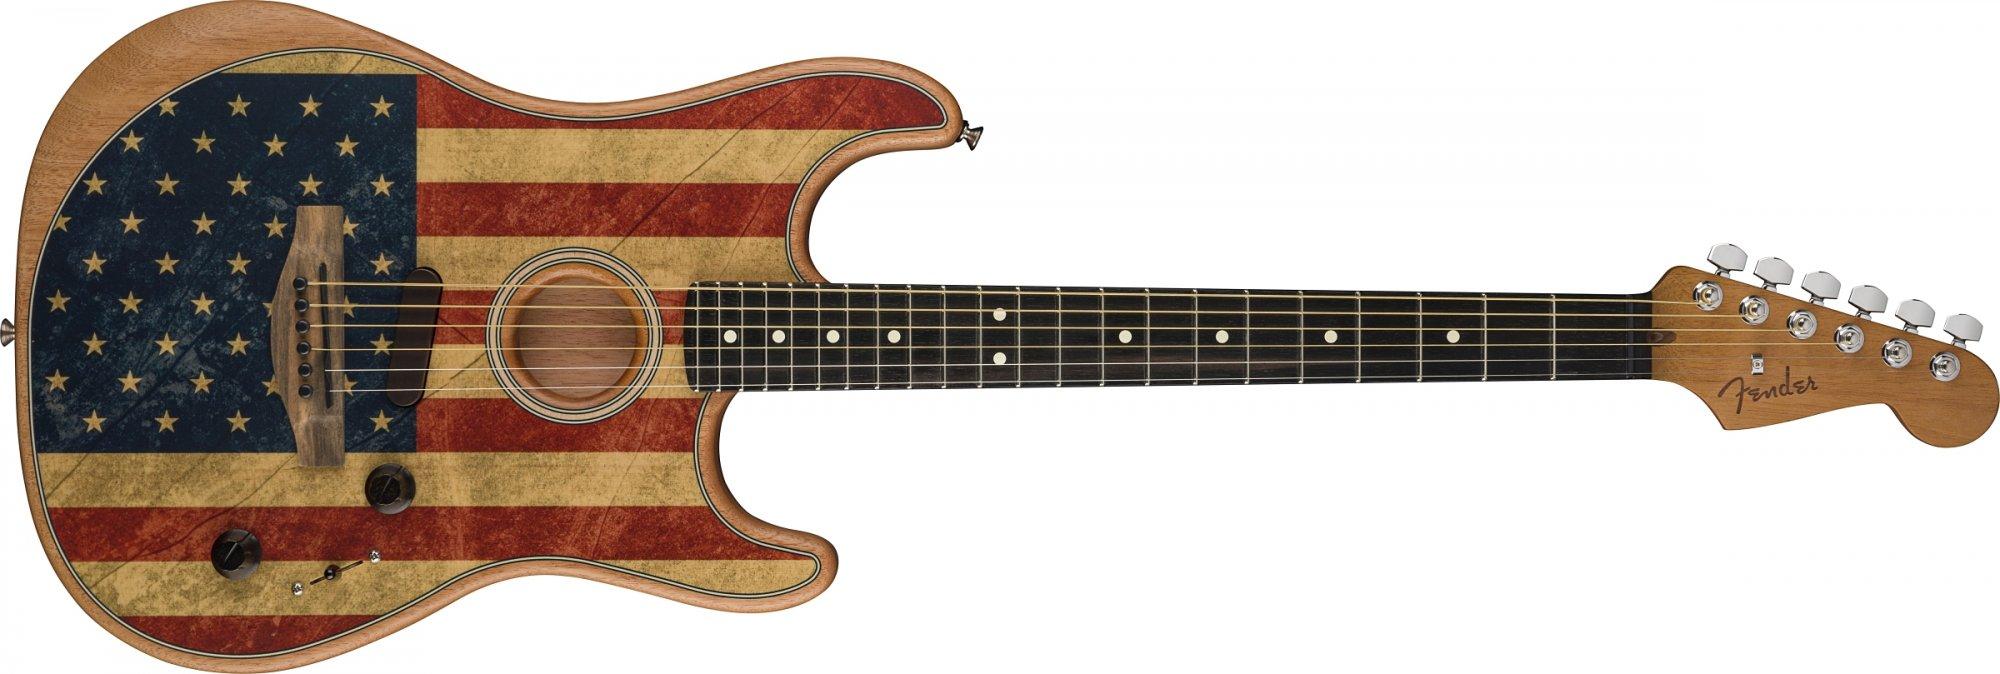 Fender Acoustasonic Stratocaster American Flag Ltd. Edition